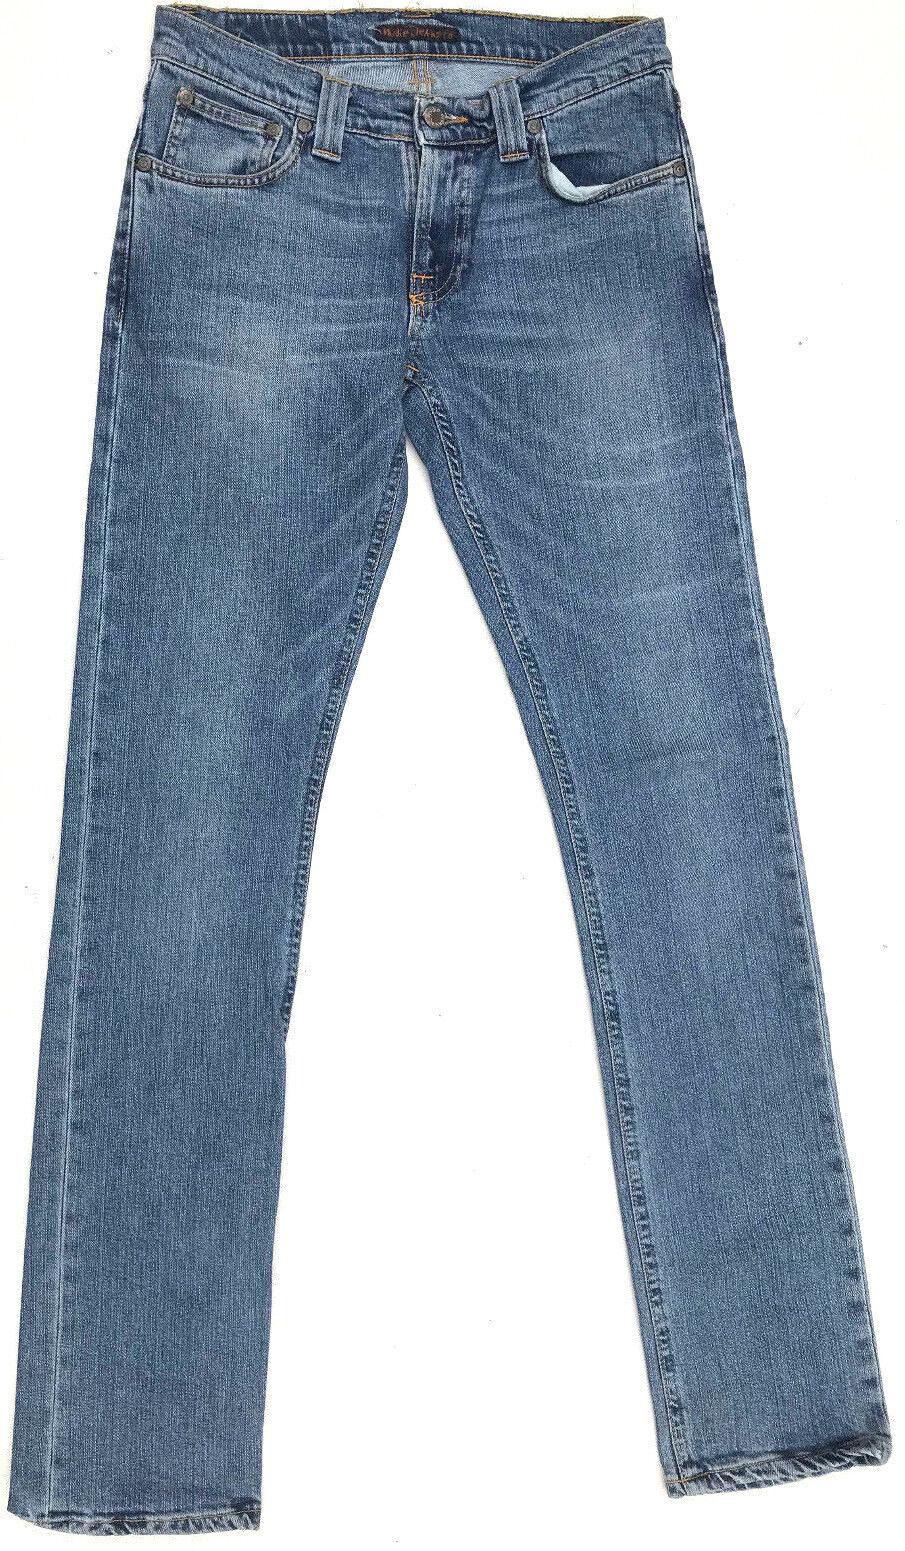 Nudie Jeans 'SLIM KIM INDIGO STRETCH'  W28 L34 AU10 US6 EUC RRP  Womens